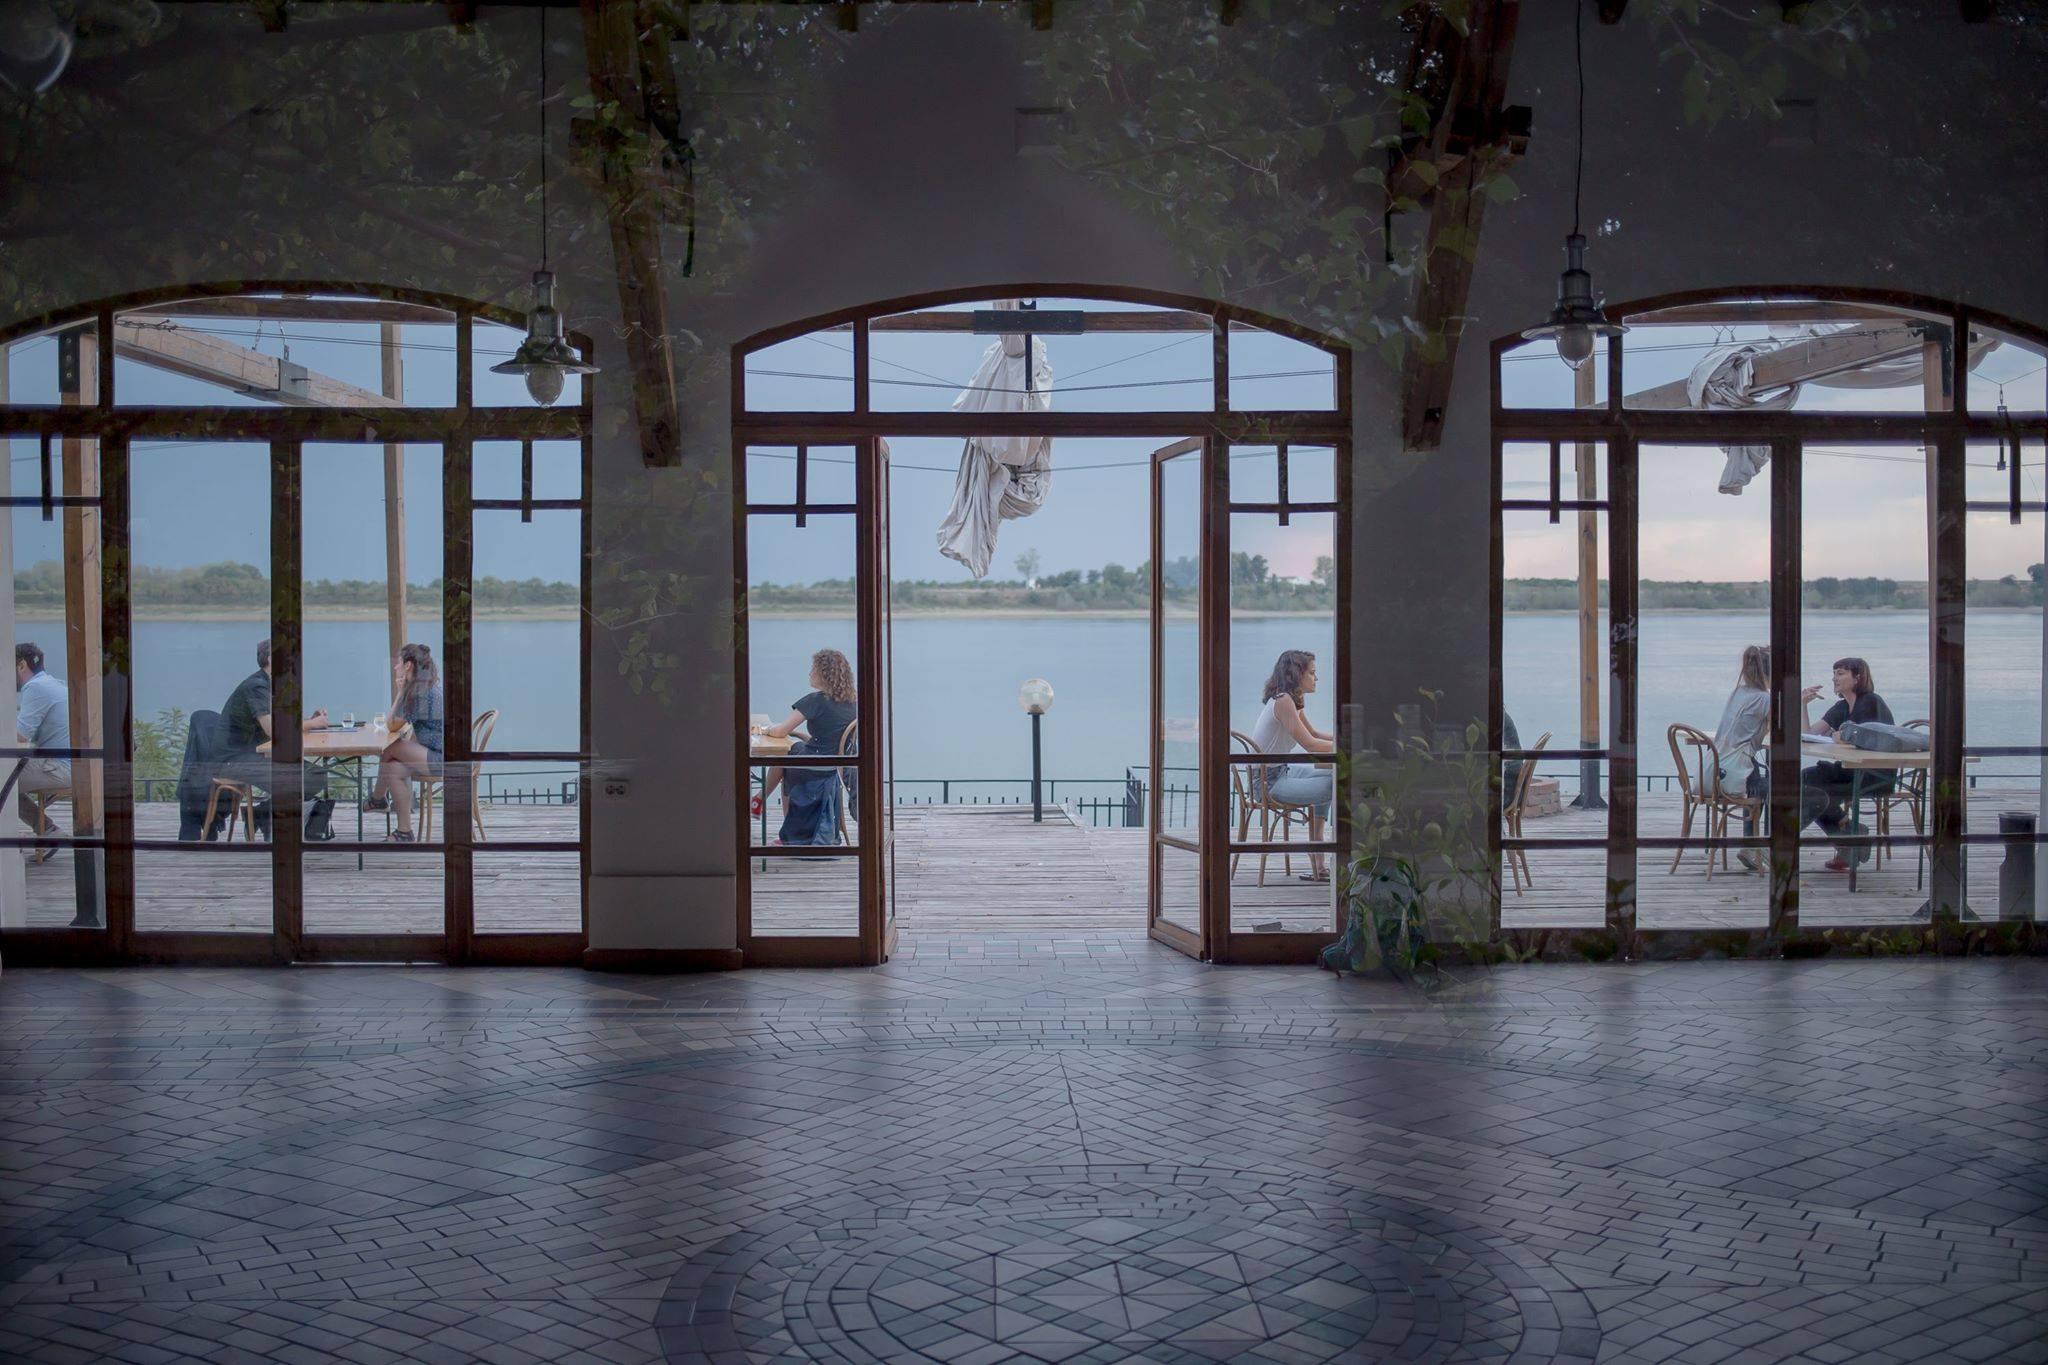 Rezidența internațională de scenaristică Pustnik lansează înscrierile pentru cea de-a 5-a ediție